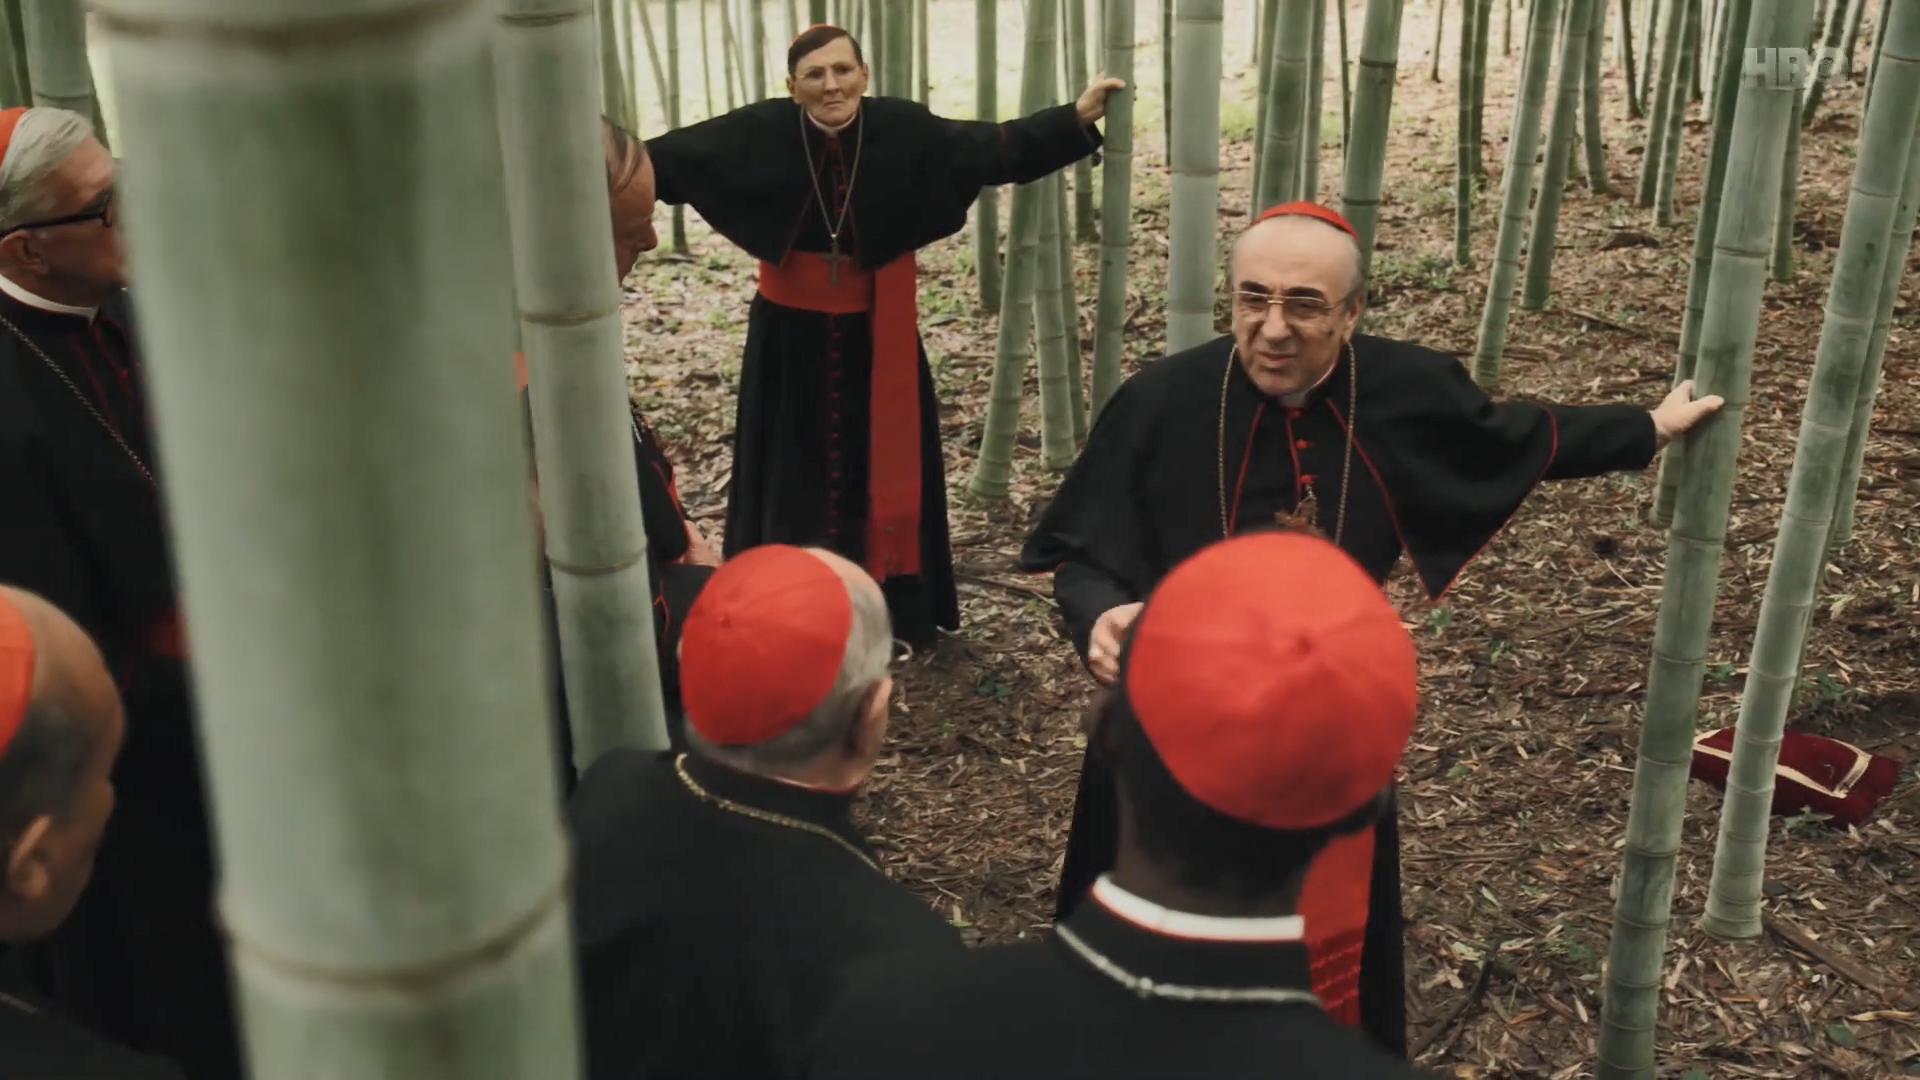 Изображение для Новый Папа / The New Pope, Сезон 1, Серии 1-9 из 9 (2020) HDTVRip 1080p (кликните для просмотра полного изображения)